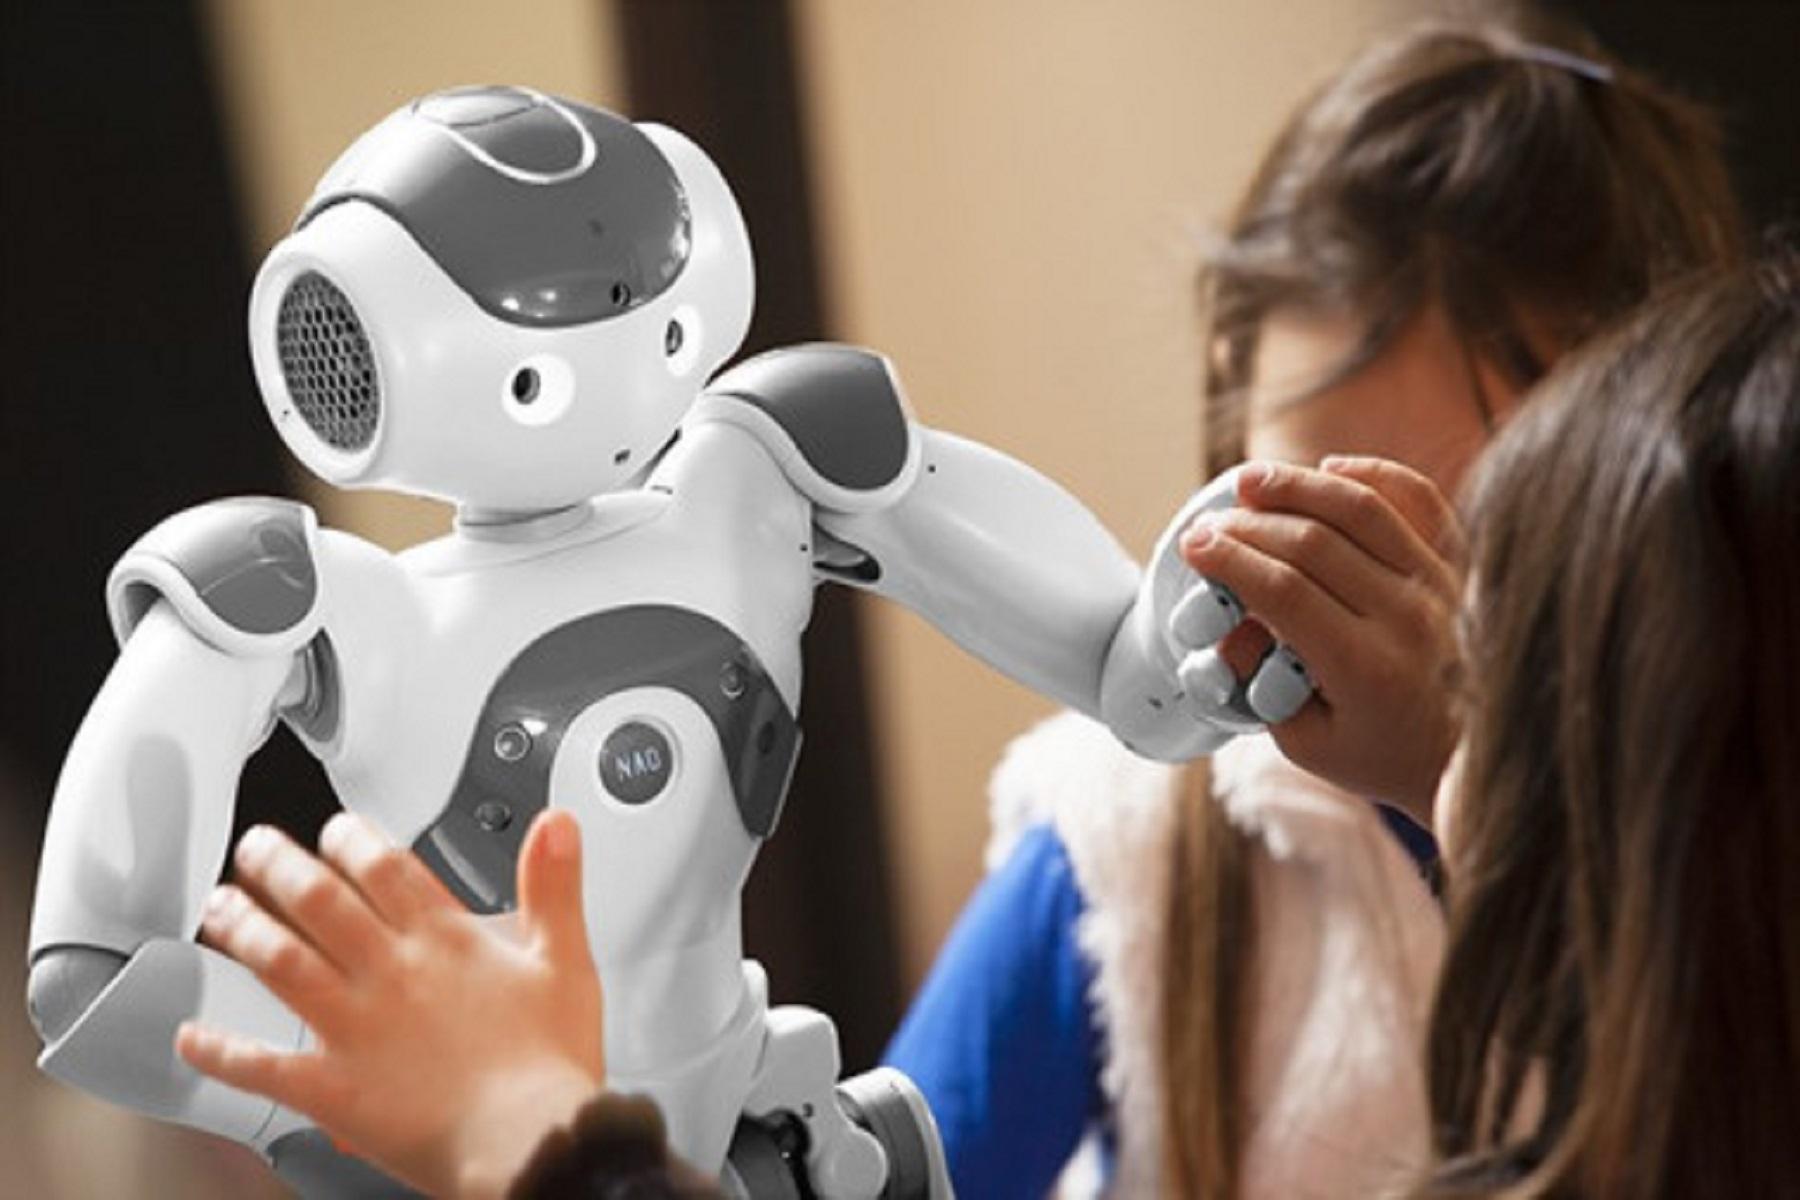 Ελλάδα Εκπαίδευση: Ανθρωποειδές ρομπότ έρχεται στην Ελλάδα